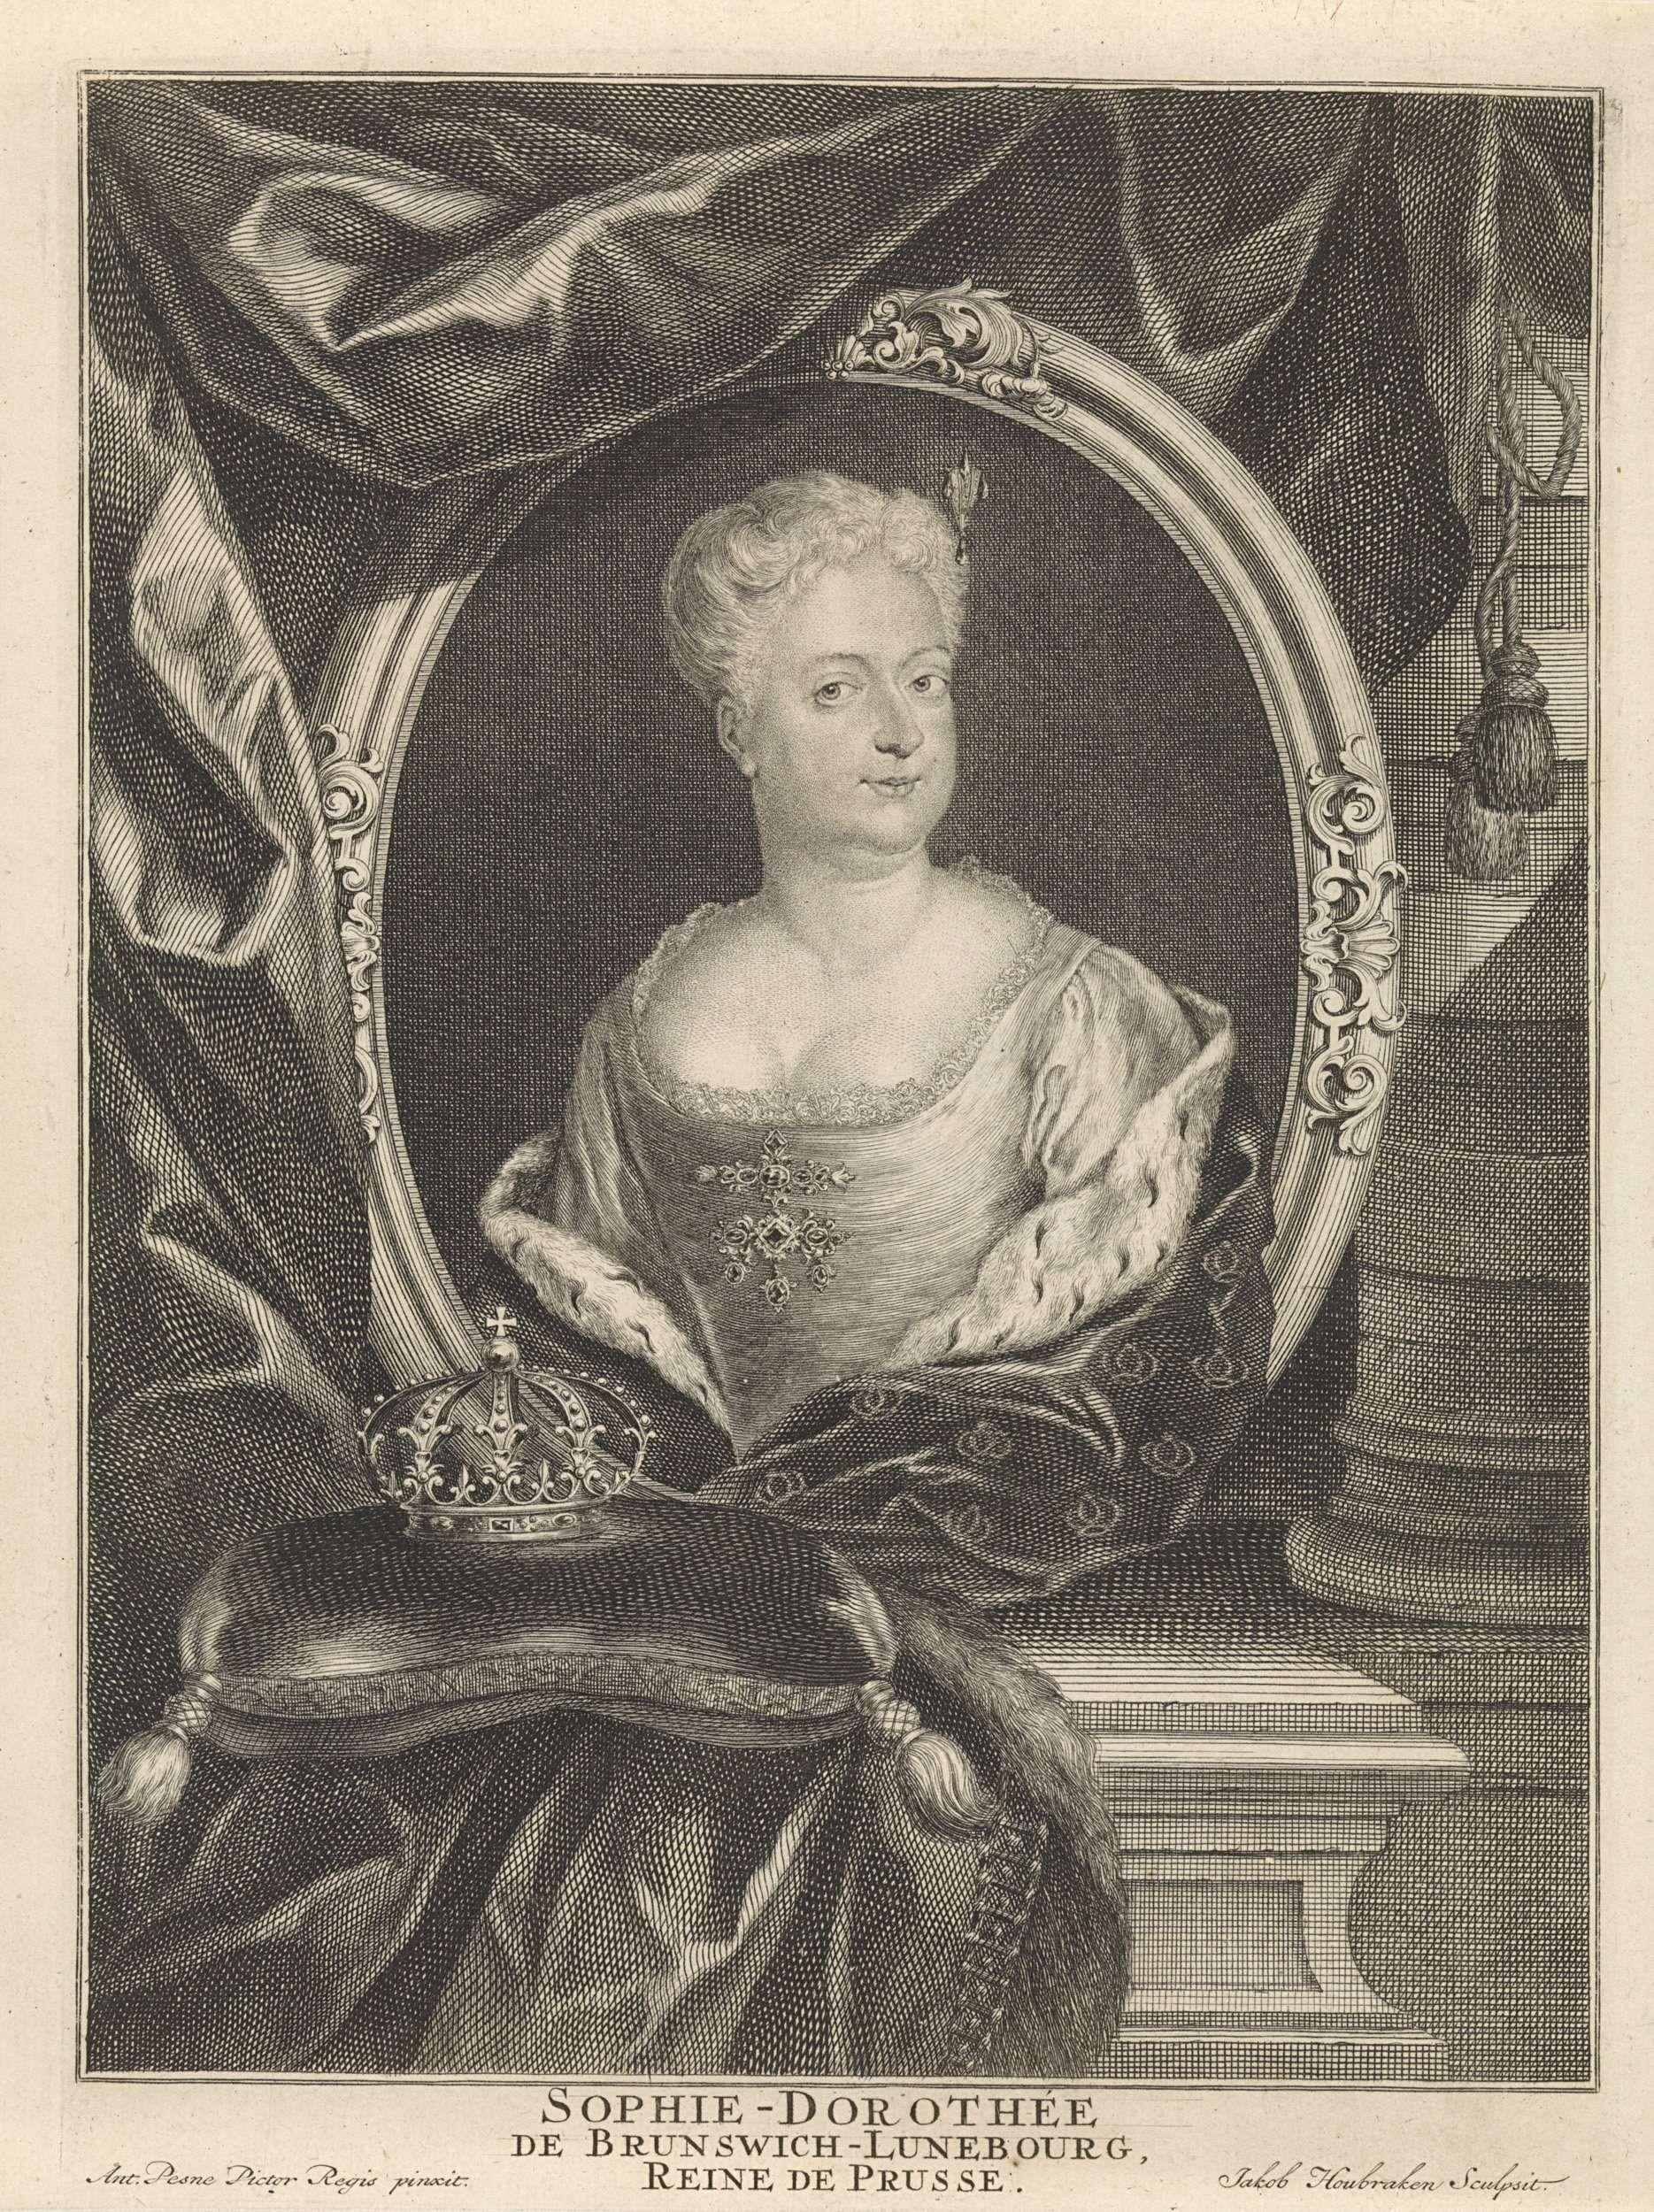 Jacob Houbraken   Portret van Sophia Dorothea van Hannover, Jacob Houbraken, 1713 - 1740   Portret van de Pruisische koningin-gemalin Sophia Dorothea van Hannover, in een ovaal medaillon dat rust op een piëdestal waarop een kussen met een kroon.